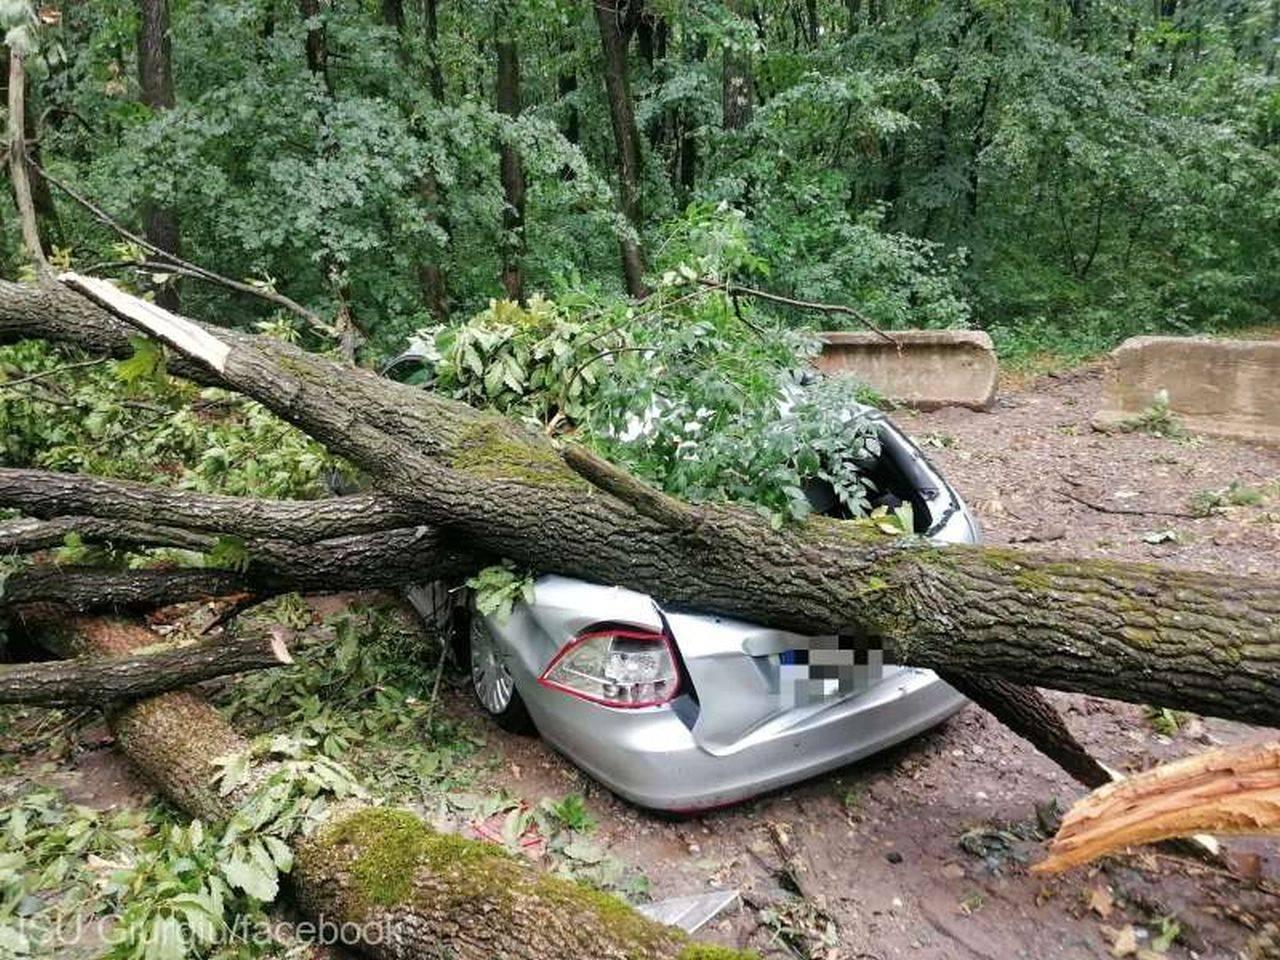 România, devastată de furtună! Sute de locuințe au fost afectate și mii de oameni au rămas fără curent electric